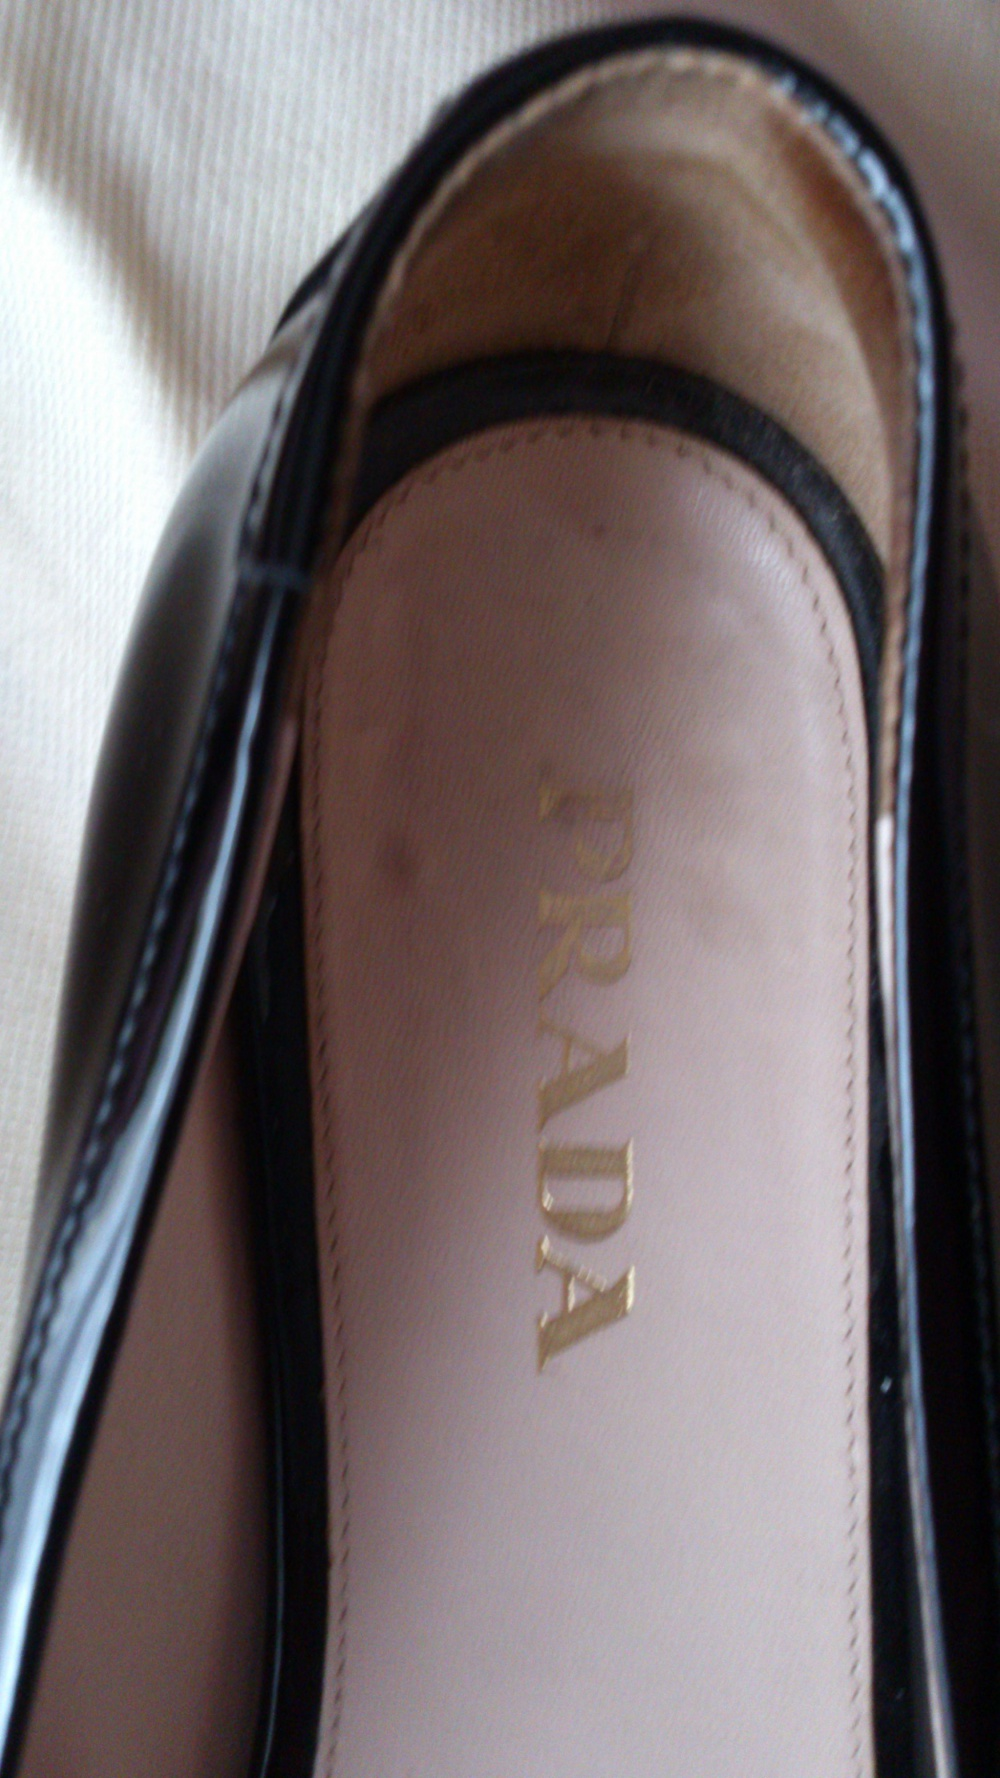 Туфли (балетки) PRADA, лакированные, размер 7 1/2, Италия